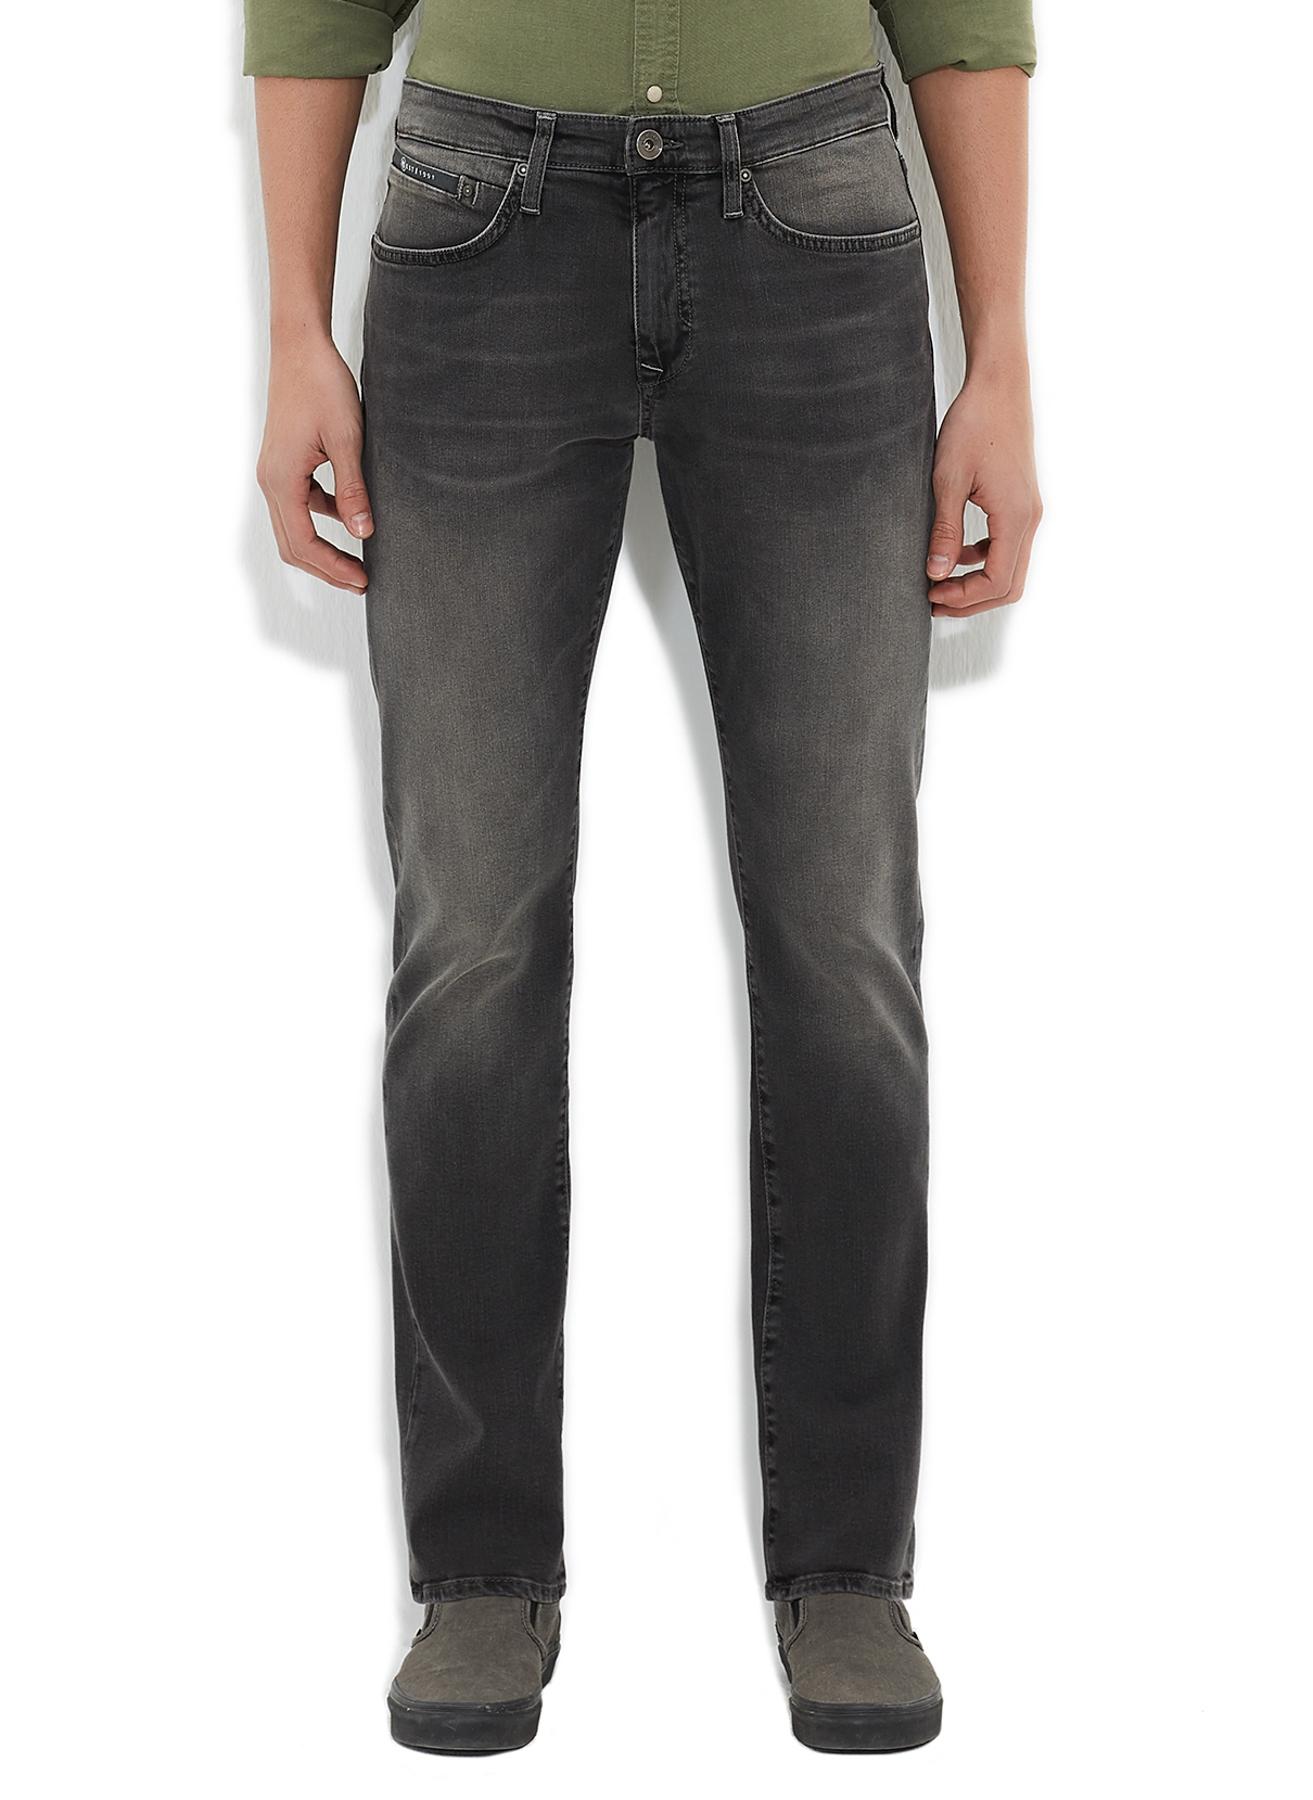 Mavi Marcus Comfort Gri Klasik Pantolon 30-30 5000162859013 Ürün Resmi